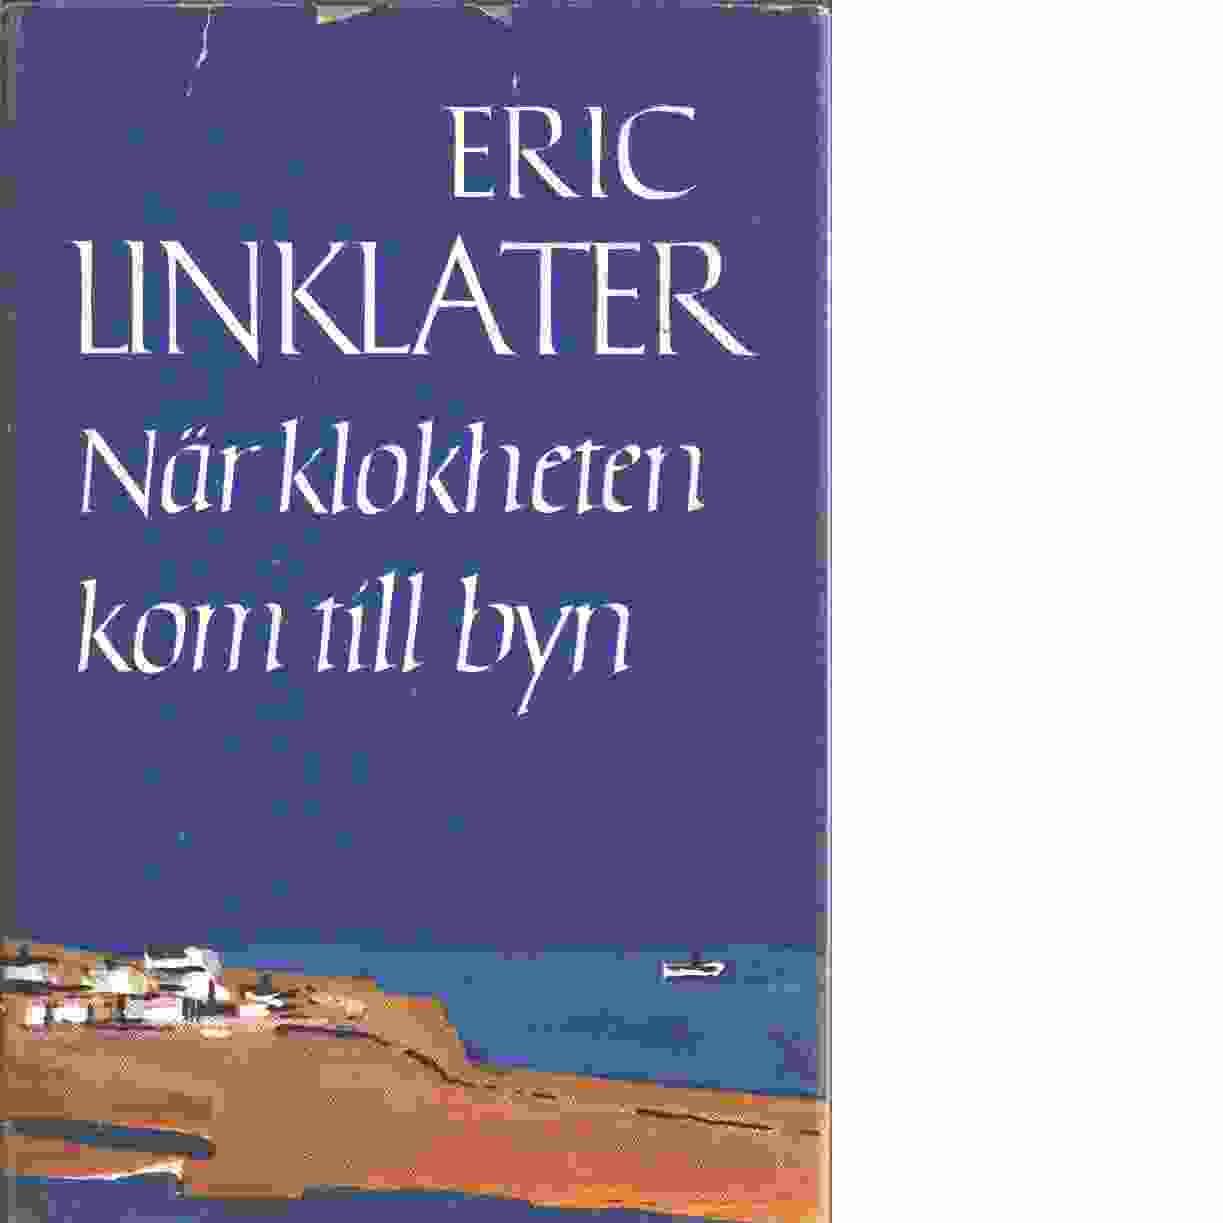 När klokheten kom till byn  - Linklater, Eric